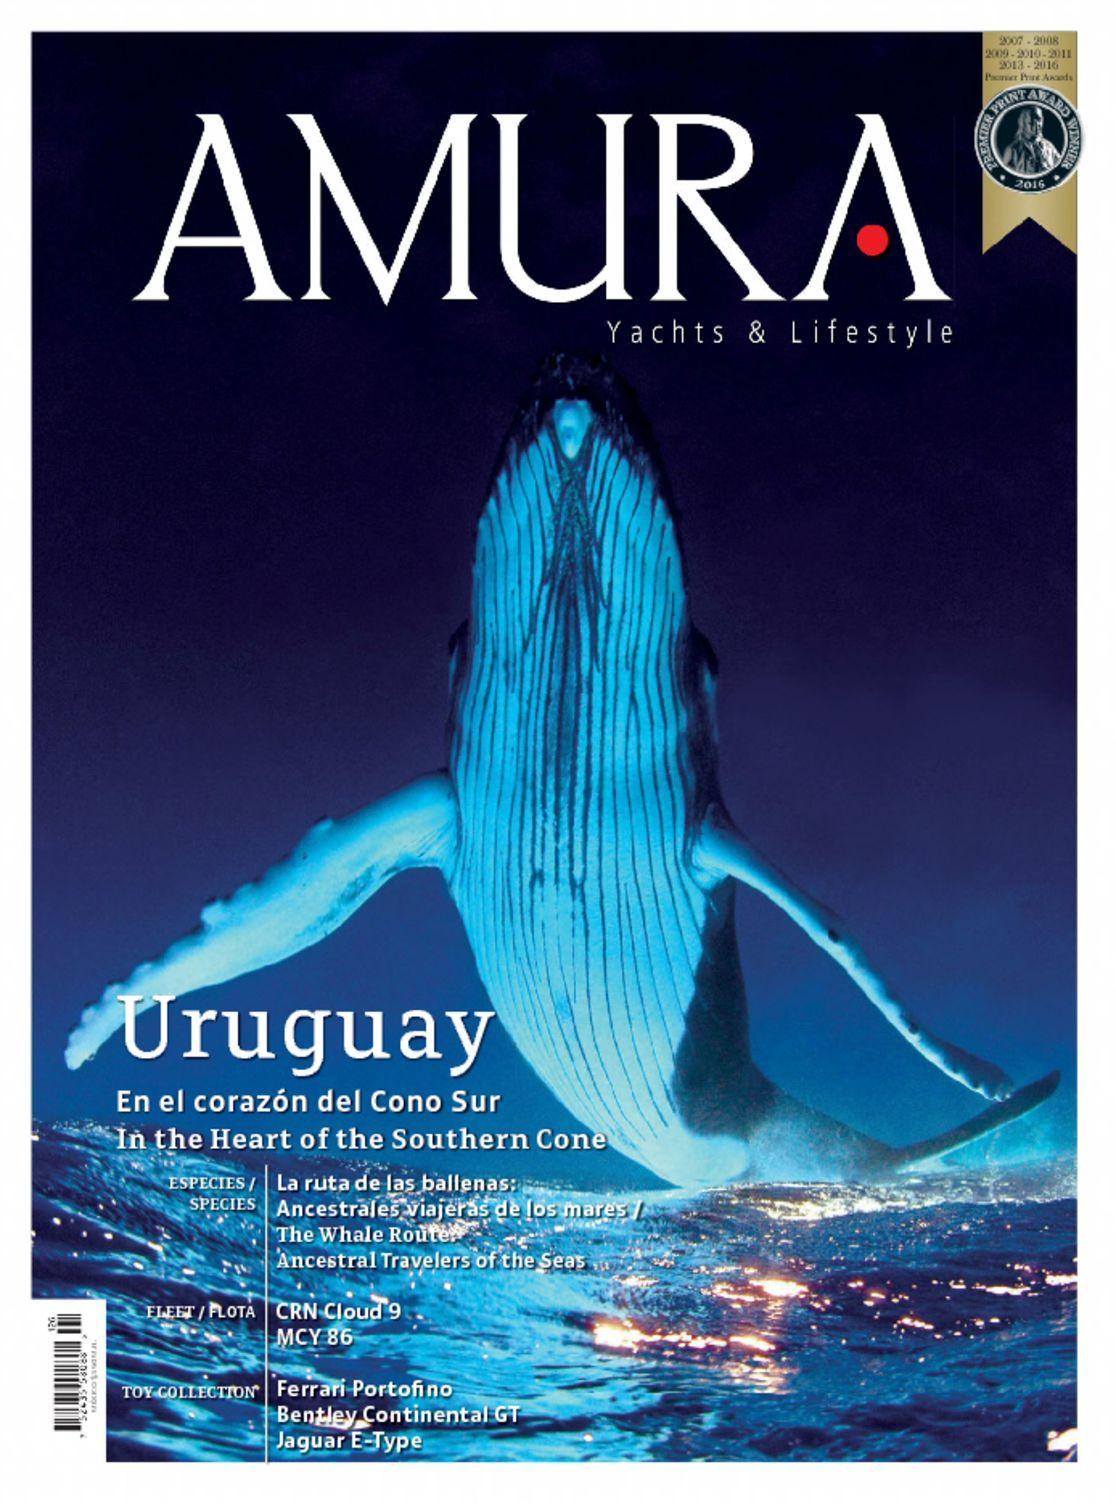 Amura Yachts Lifestyle Digital